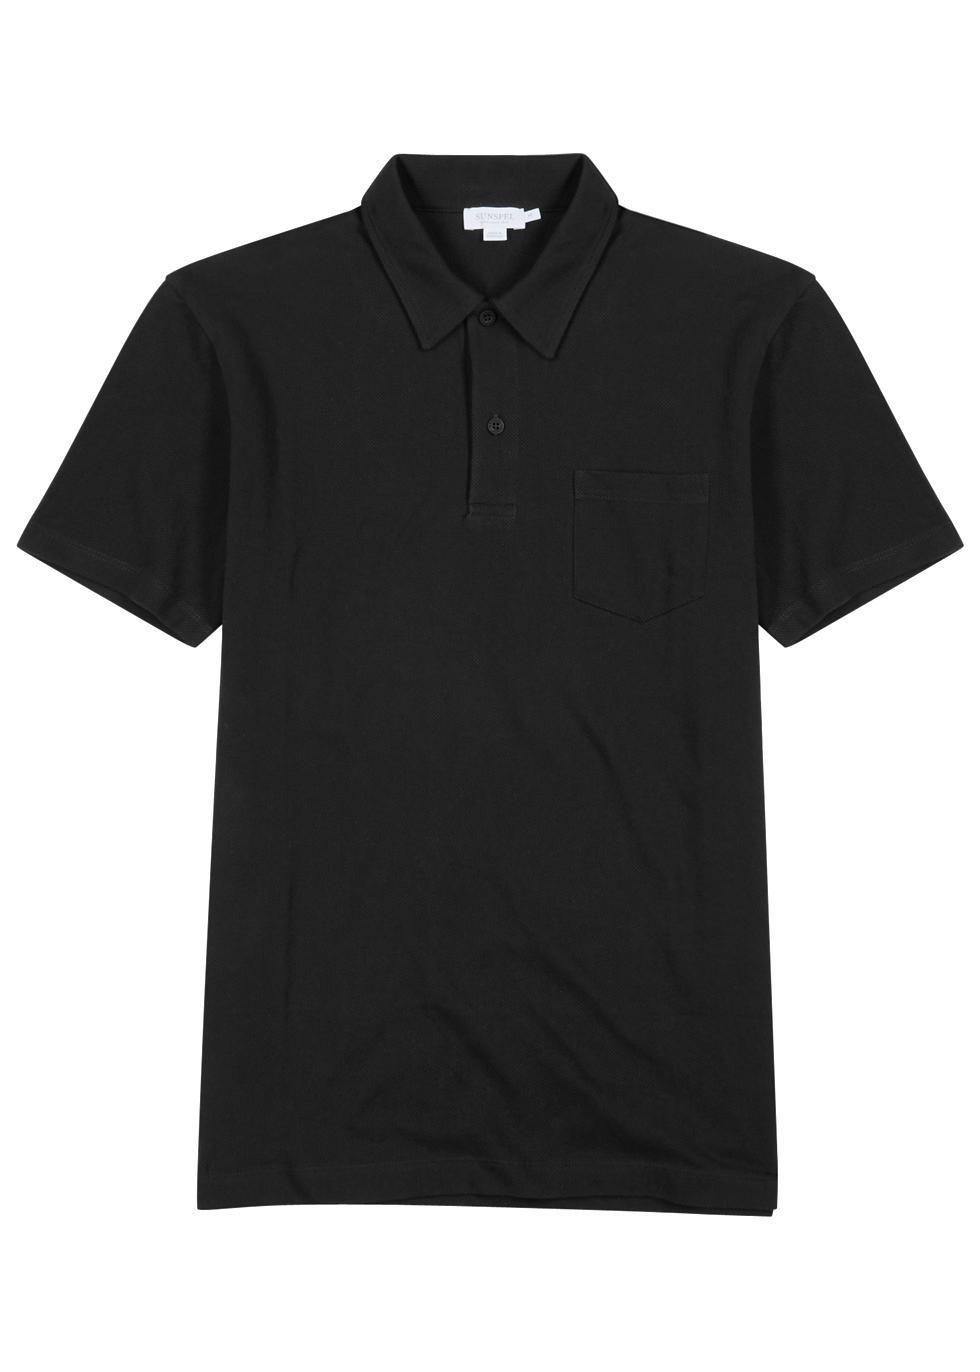 Riviera piqué cotton polo shirt